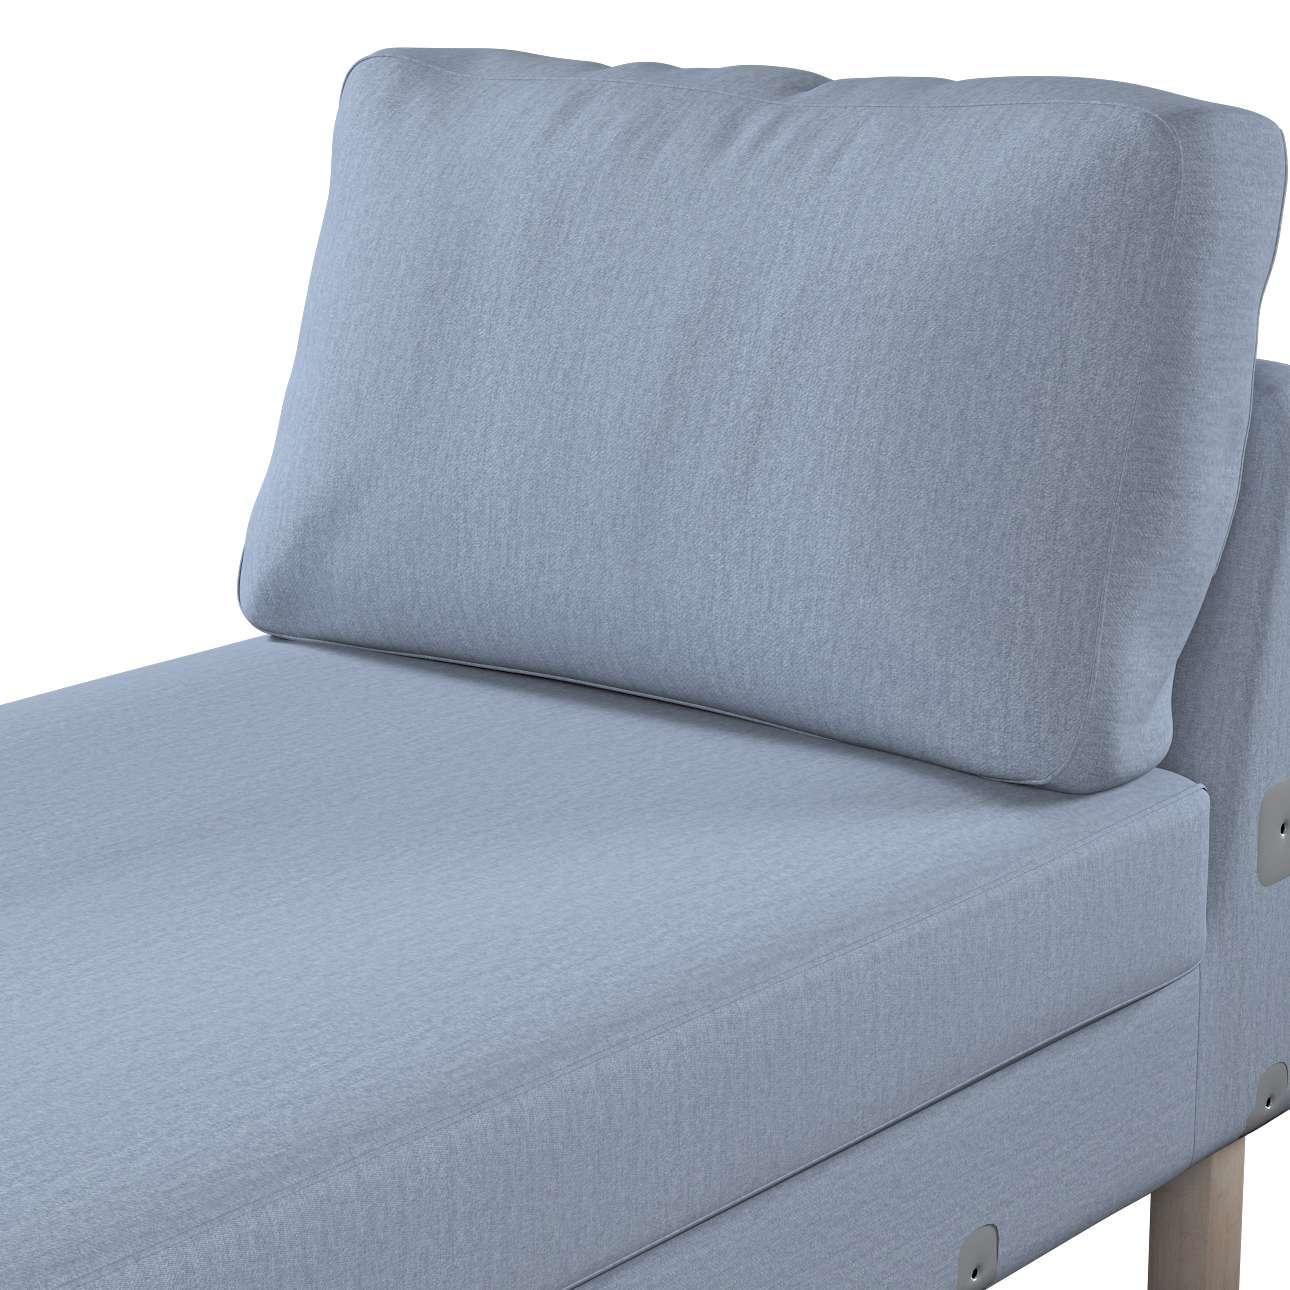 KARSLTAD sofos gulimojo krėslo užvalkalas kolekcijoje Chenille, audinys: 702-13